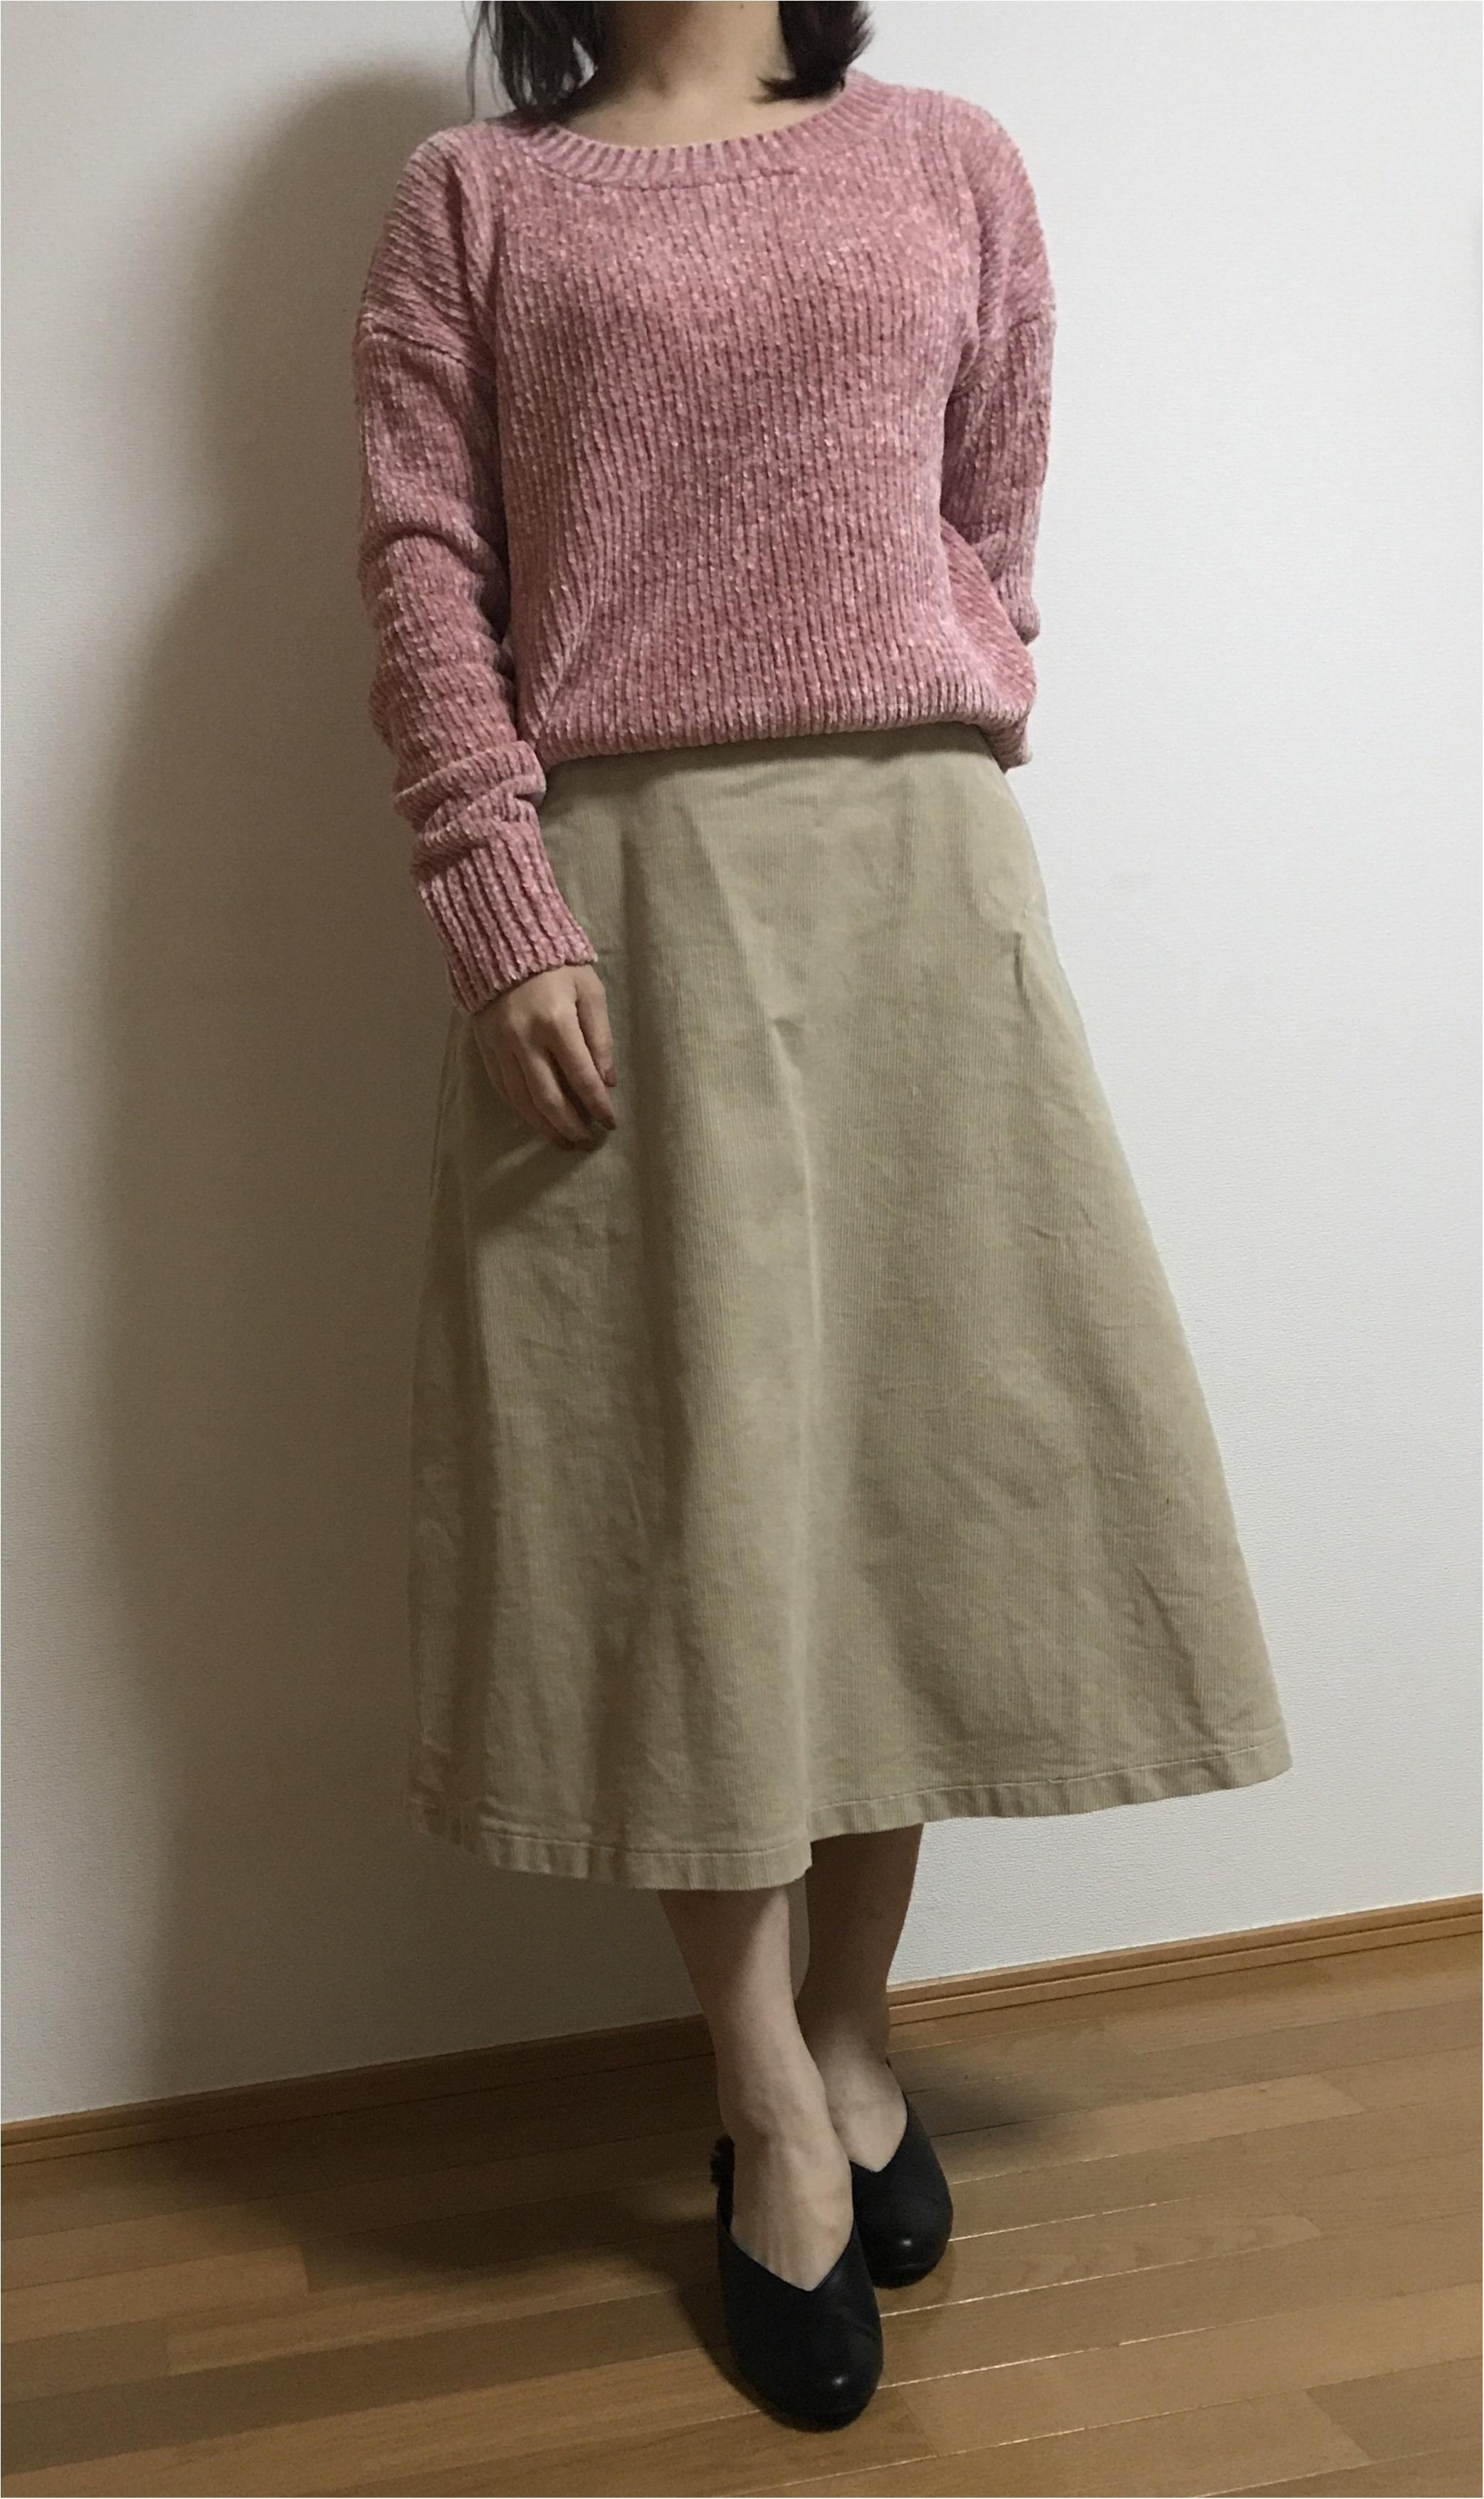 【ユニクロ】買ってよかった!まだまだ使える冬アイテム♡♡《コーデュロイスカート×ニット》の最強コーデを組んでみました❤︎_4